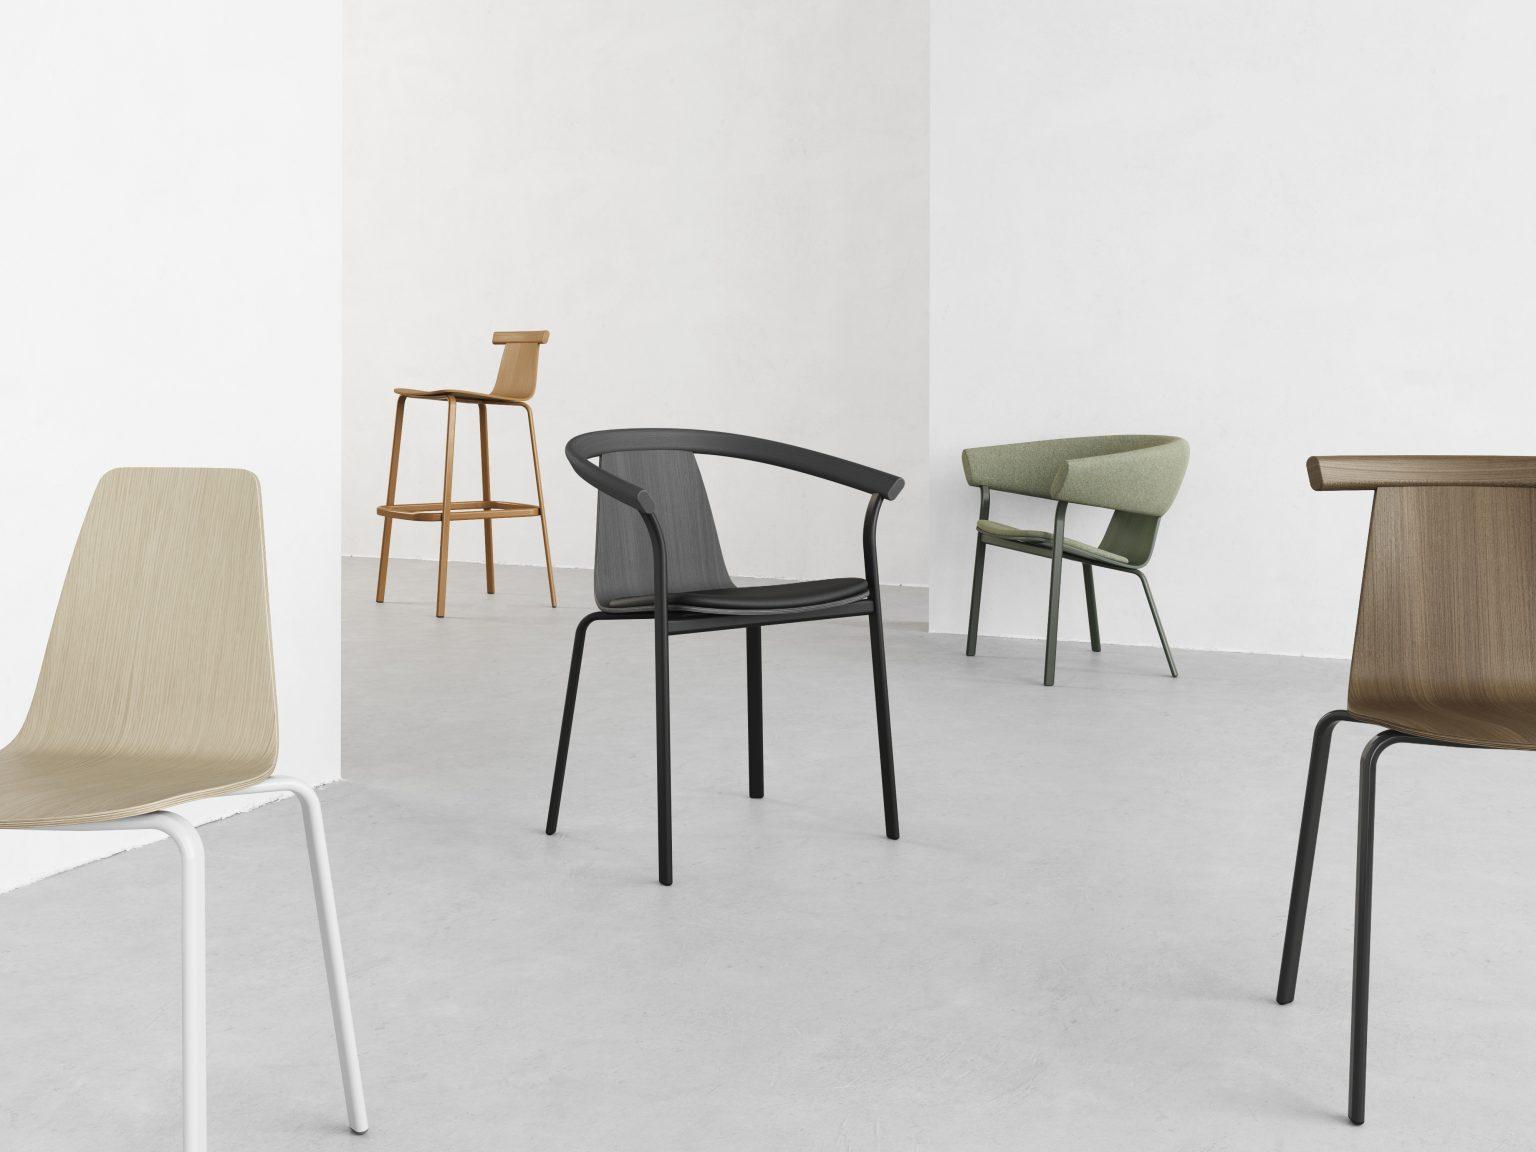 Biennale Interieur - Belgium's leading design and interior event - Alki-atal-fuwl-05.jpg